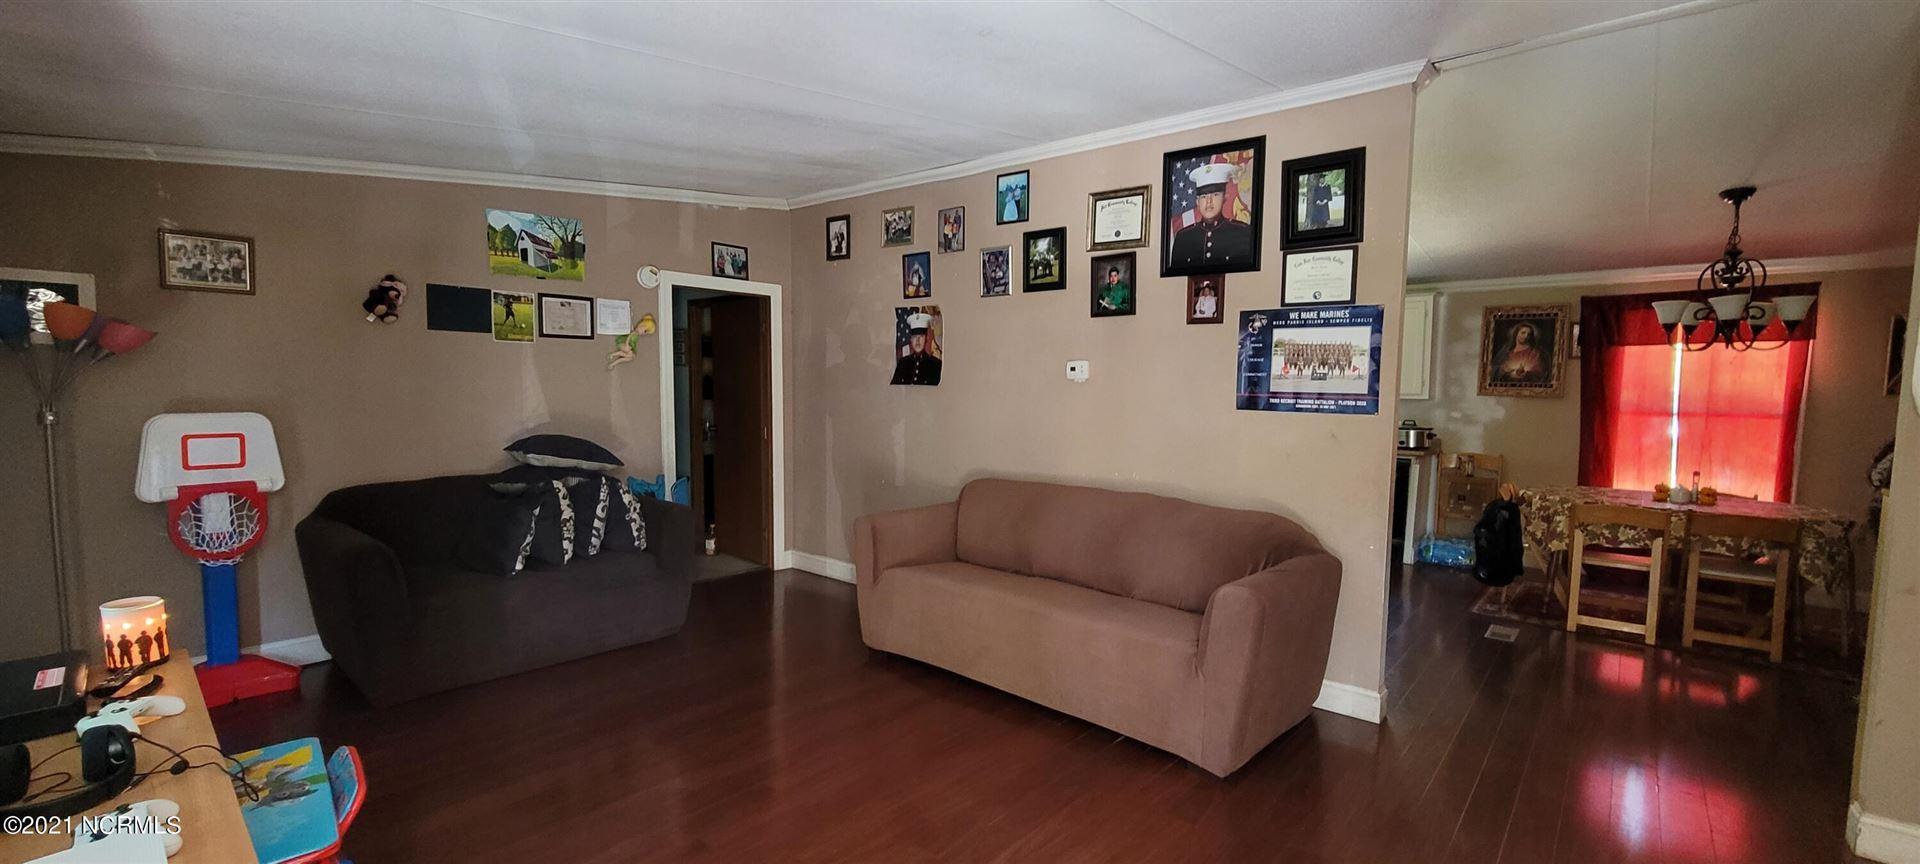 Photo of 9224 Center Court NE, Leland, NC 28451 (MLS # 100292273)